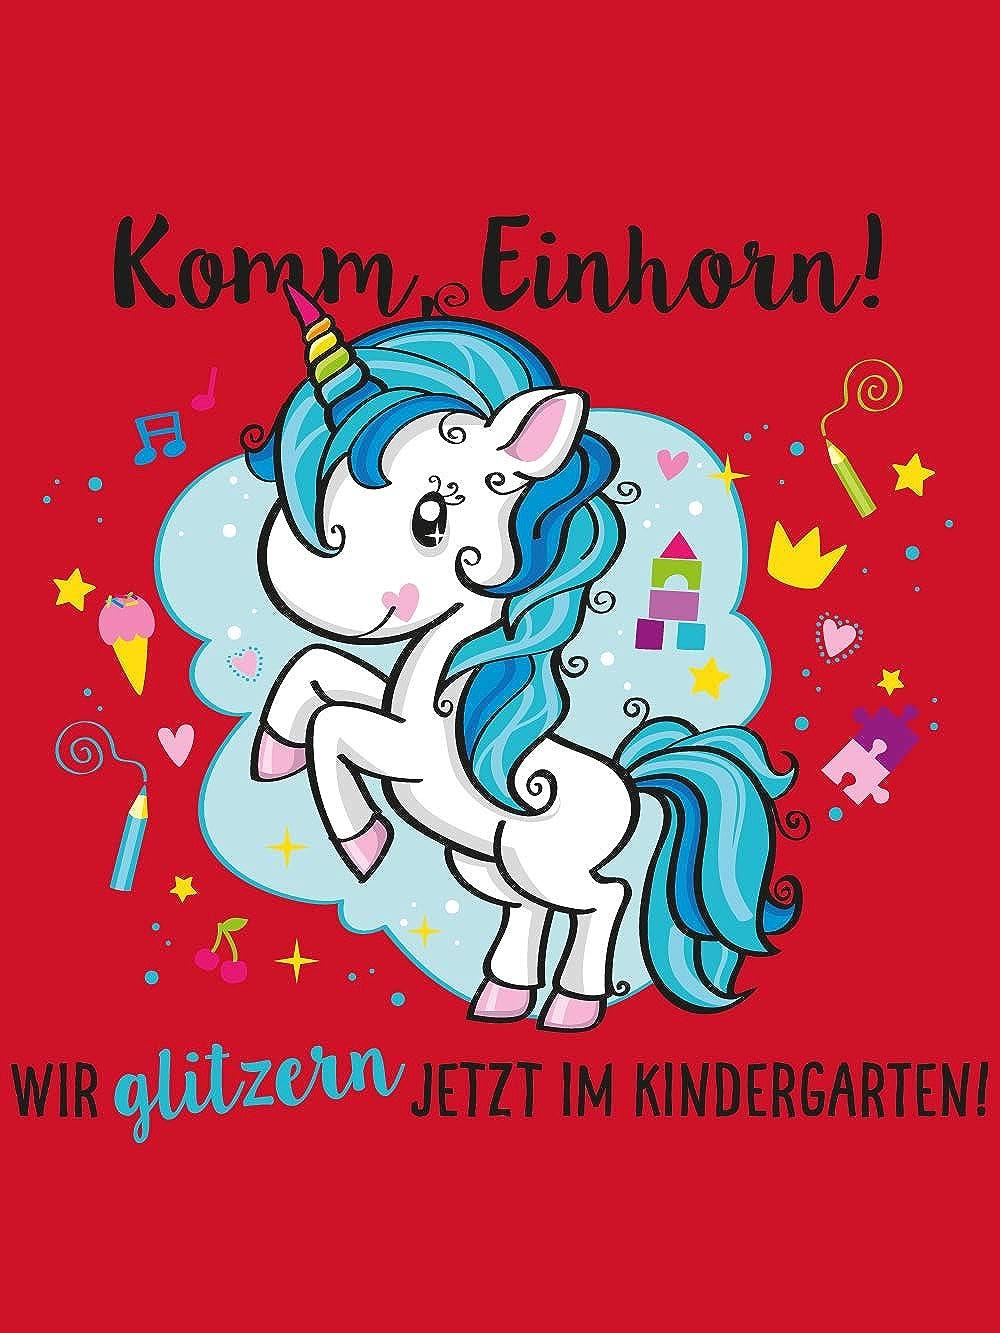 Einhorn Wir Glitzern jetzt im Kindergarten! clothinx Kinder T-Shirt Bio Kindergartenstart Komm